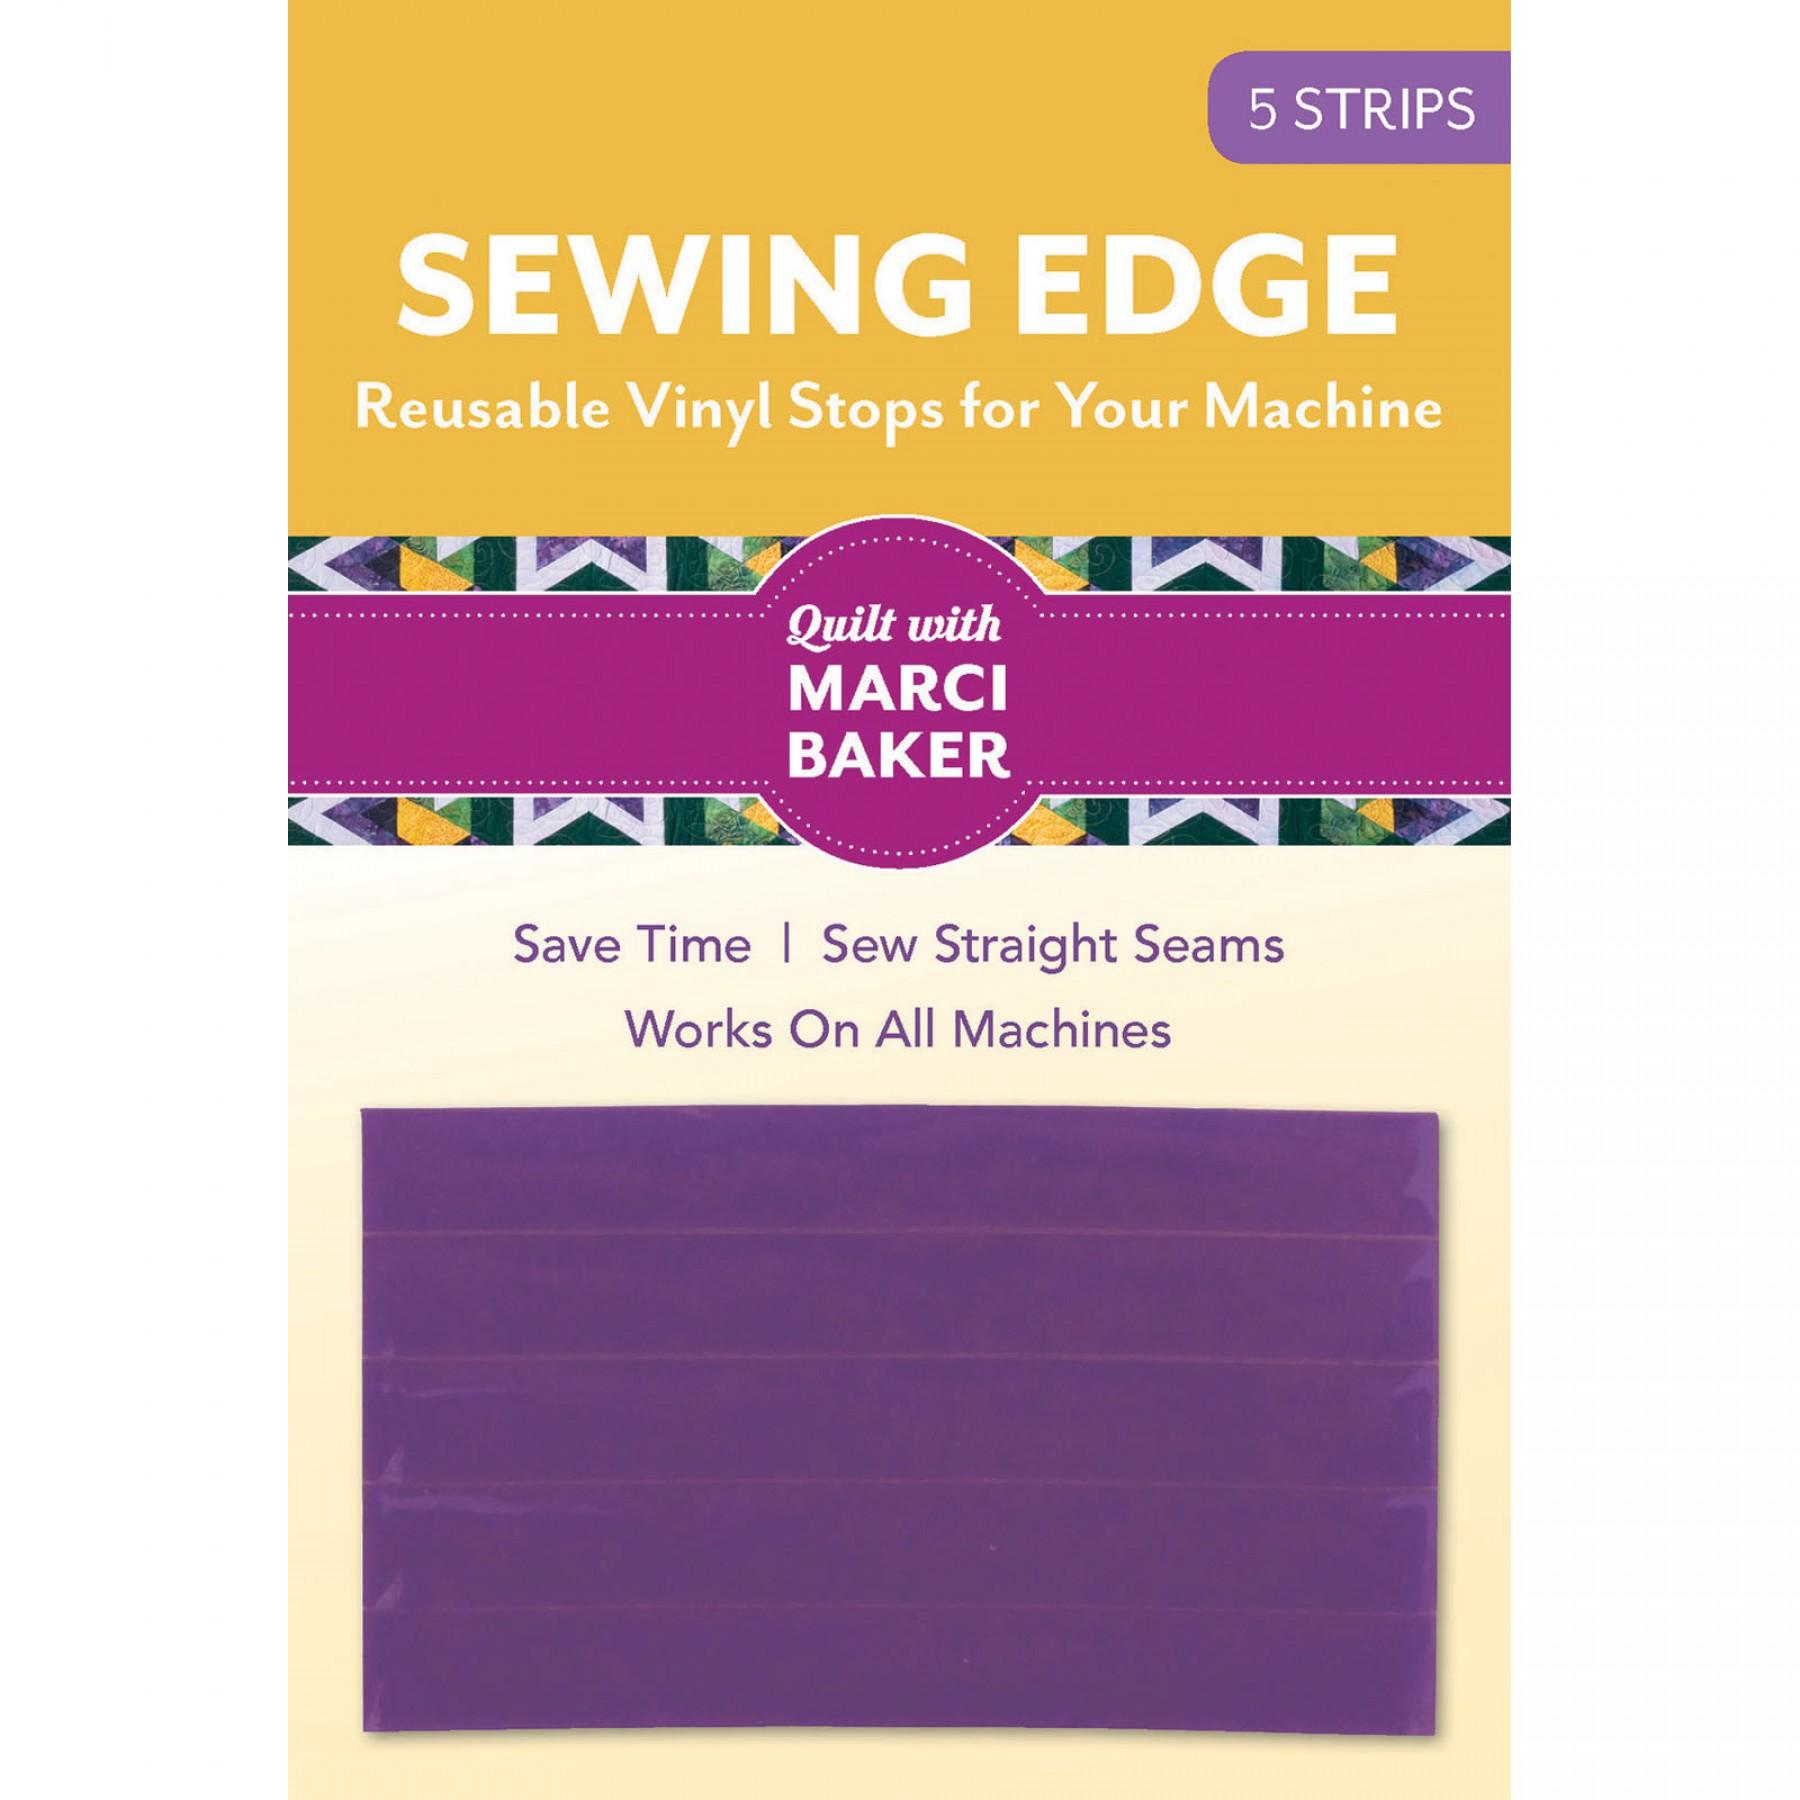 Sewing Edge Ee Schenck Co